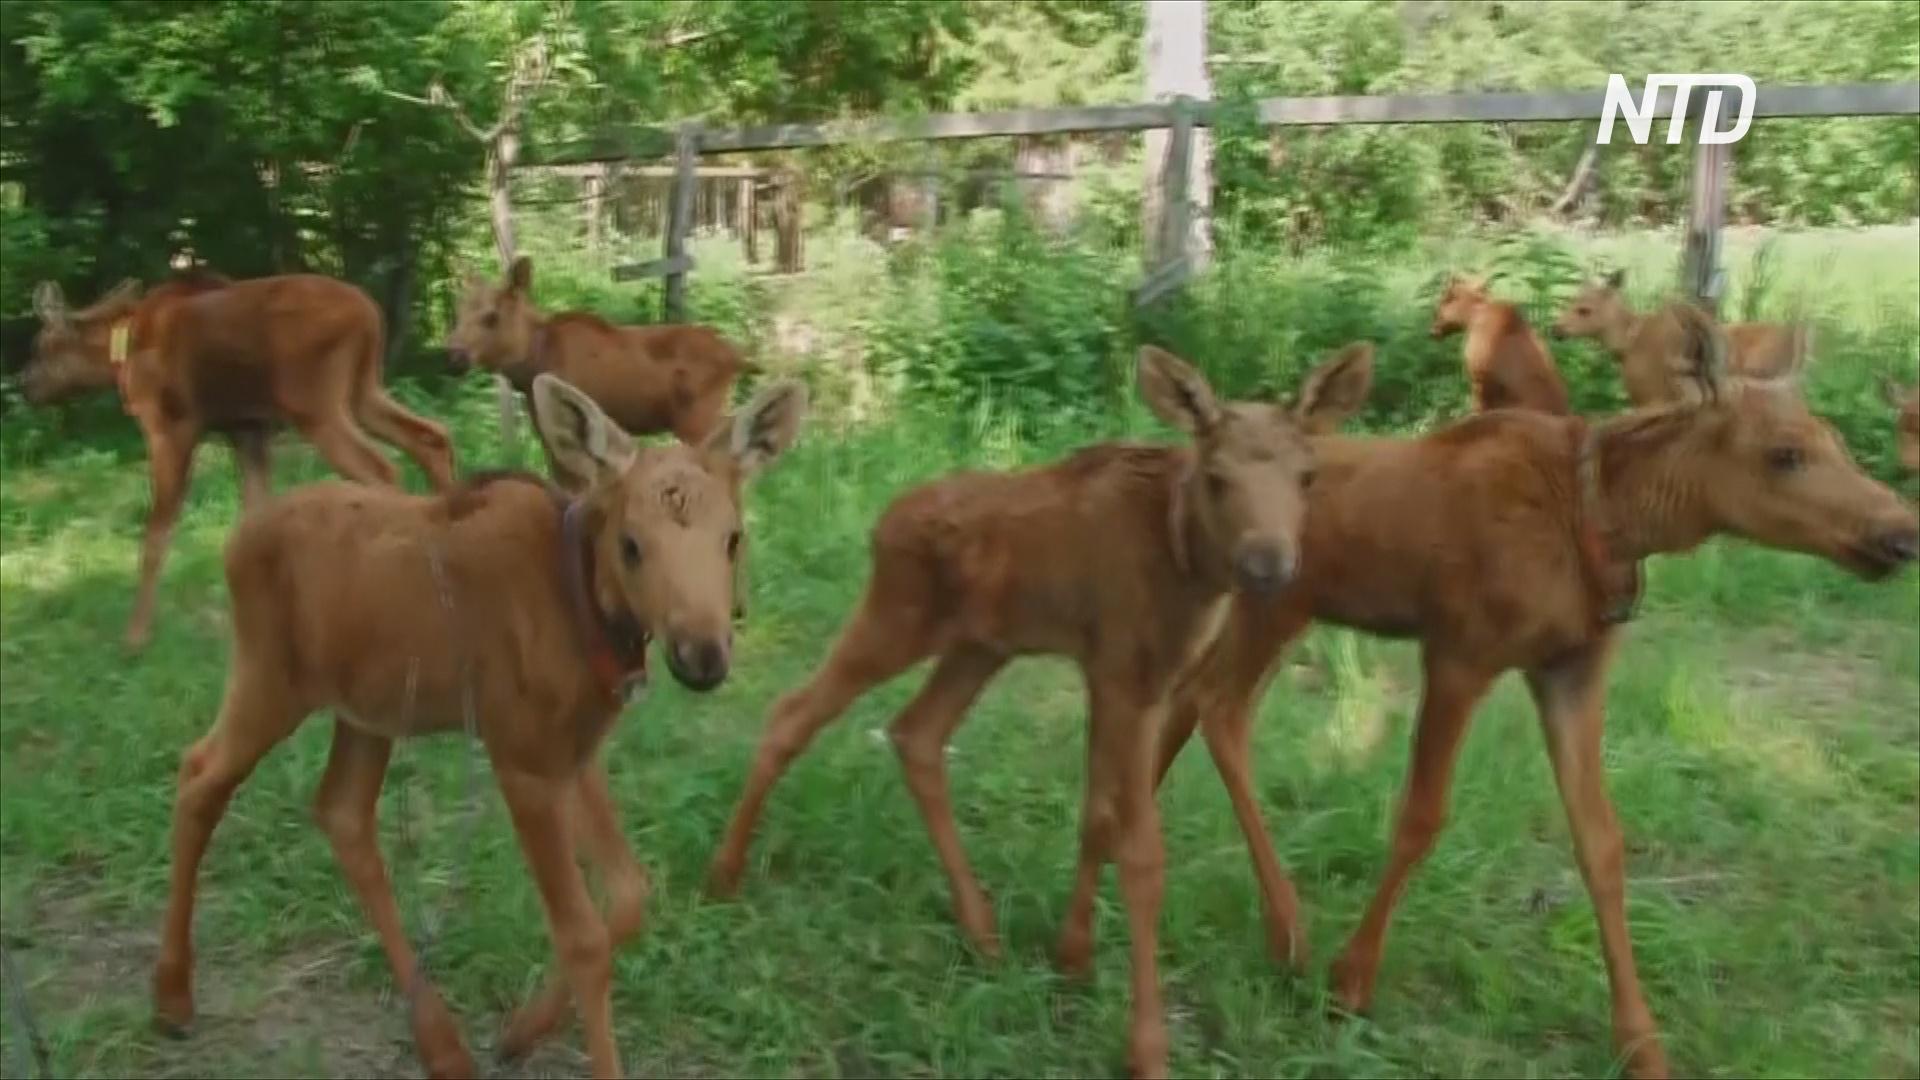 Лосиная ферма в костромской области – эхо рухнувших планов переделать природу